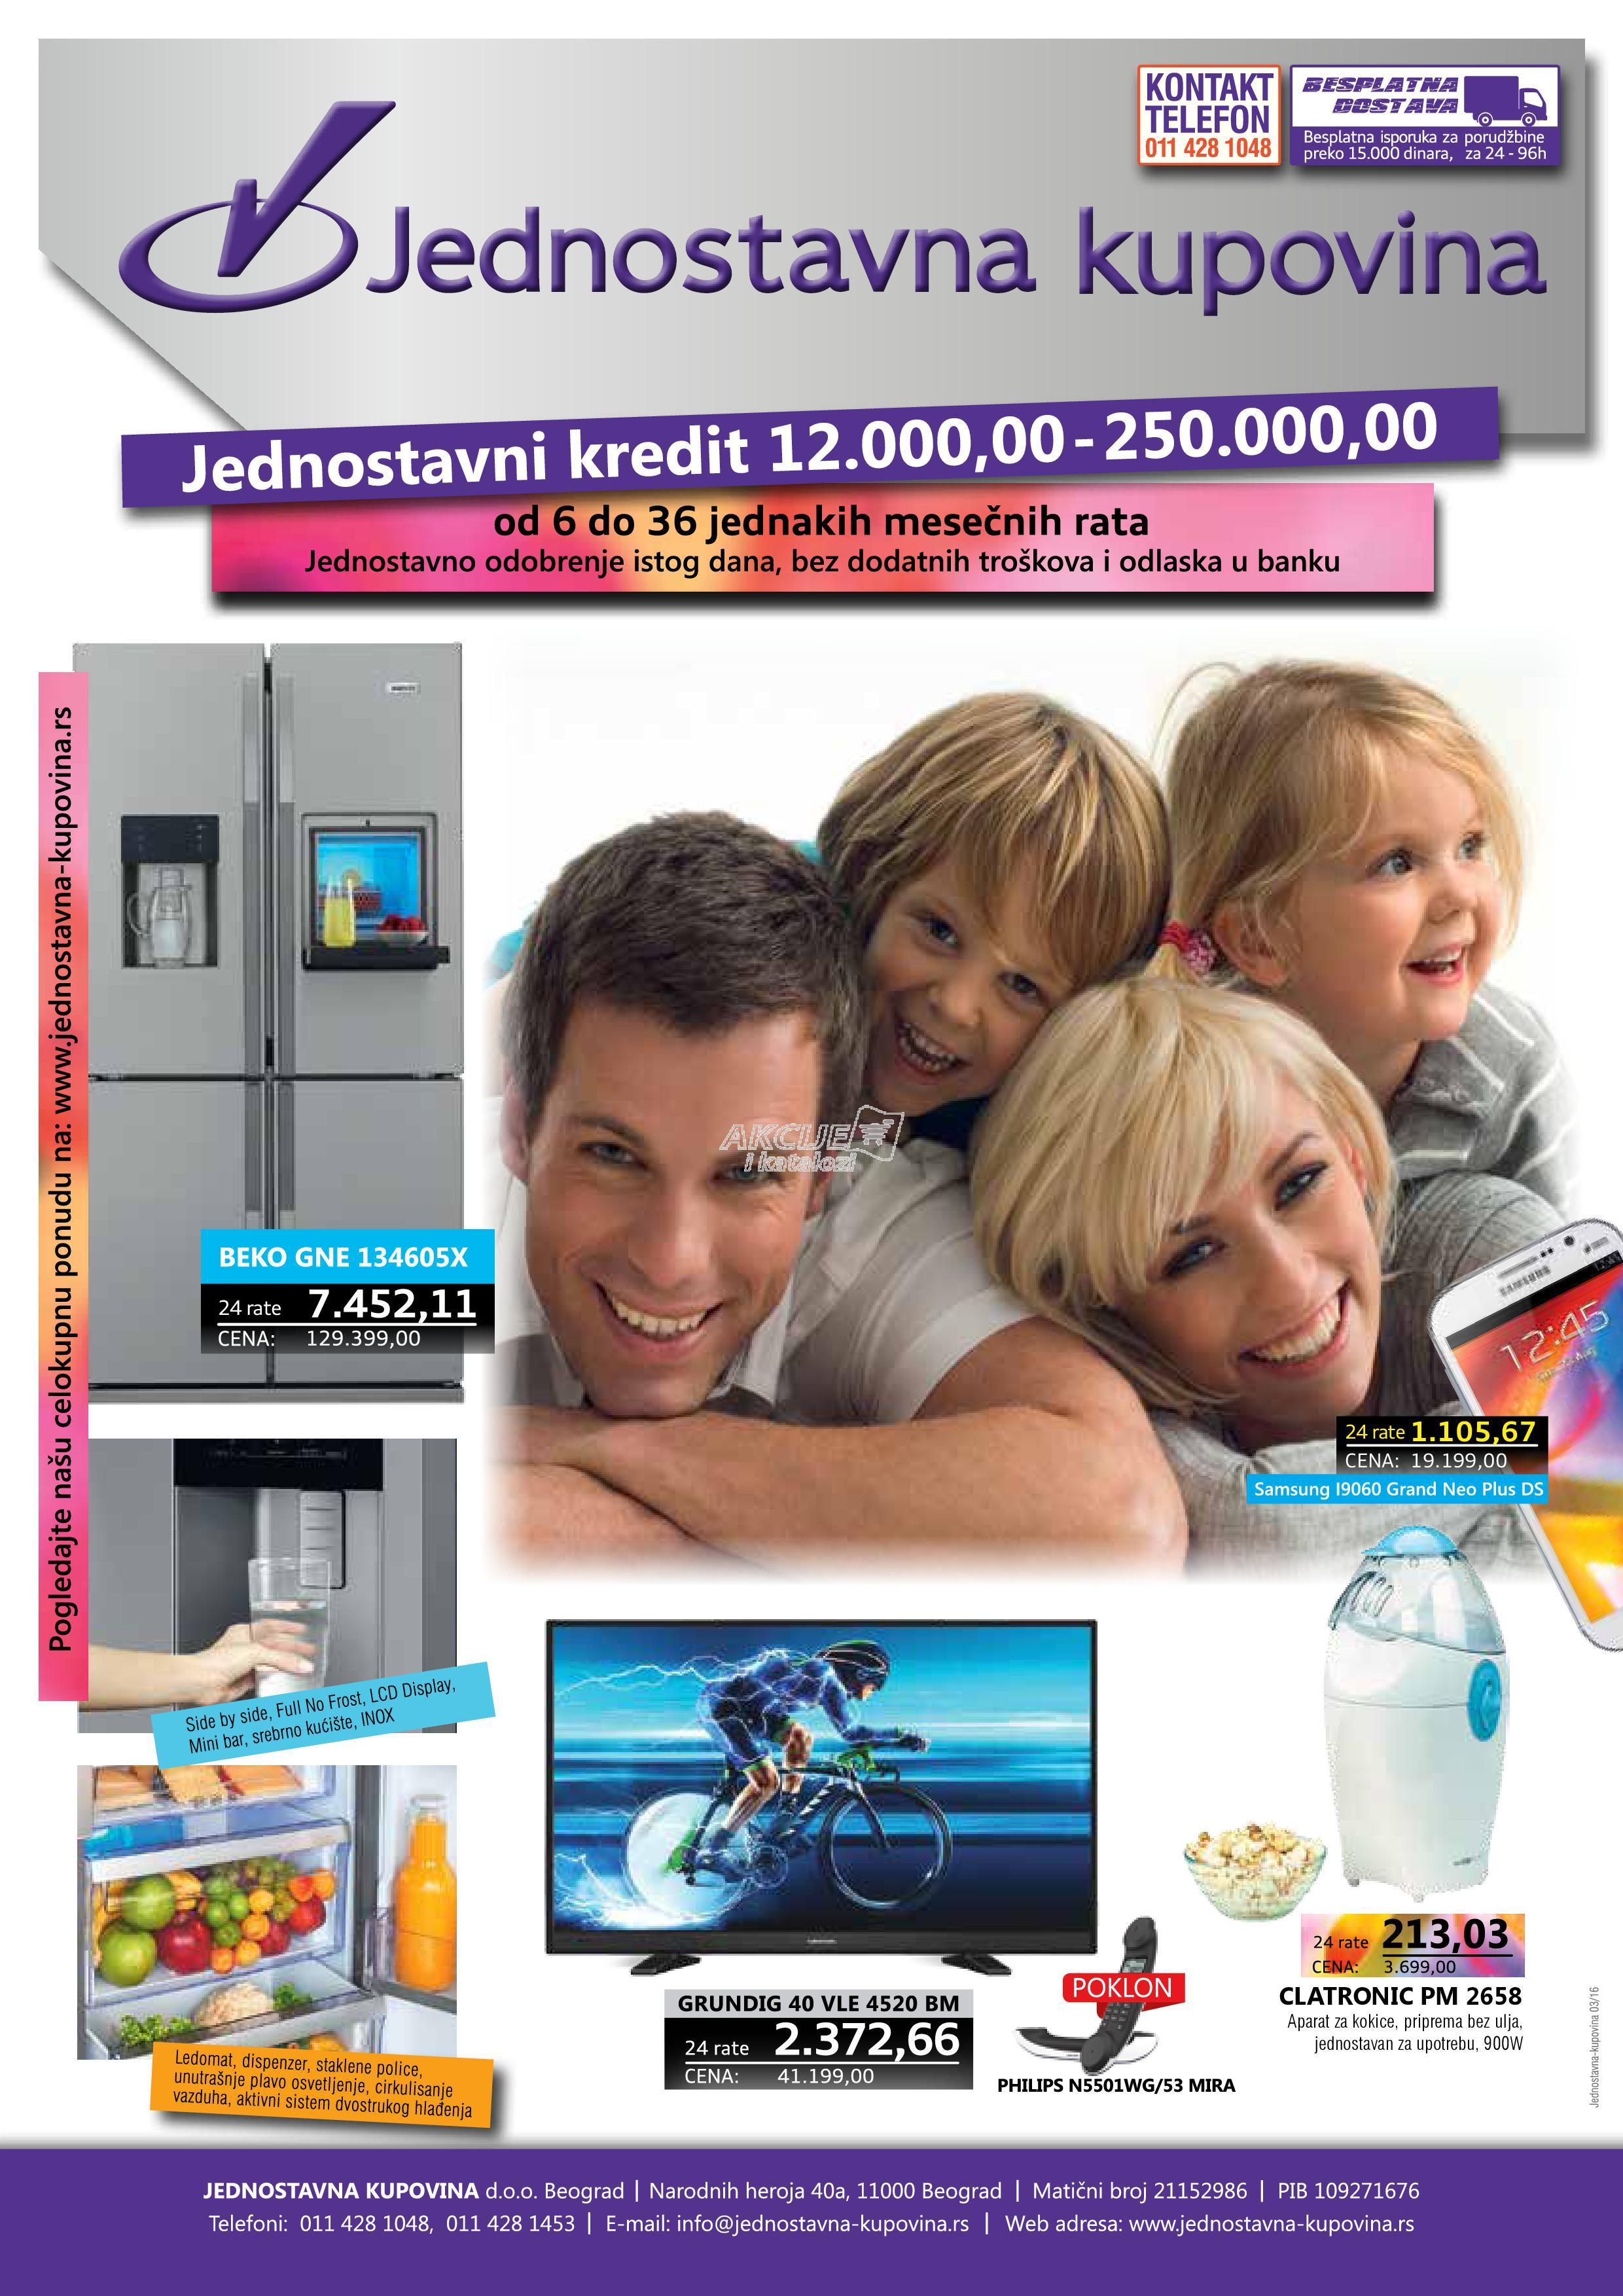 Jednostavna kupovina - Redovna akcija super cena